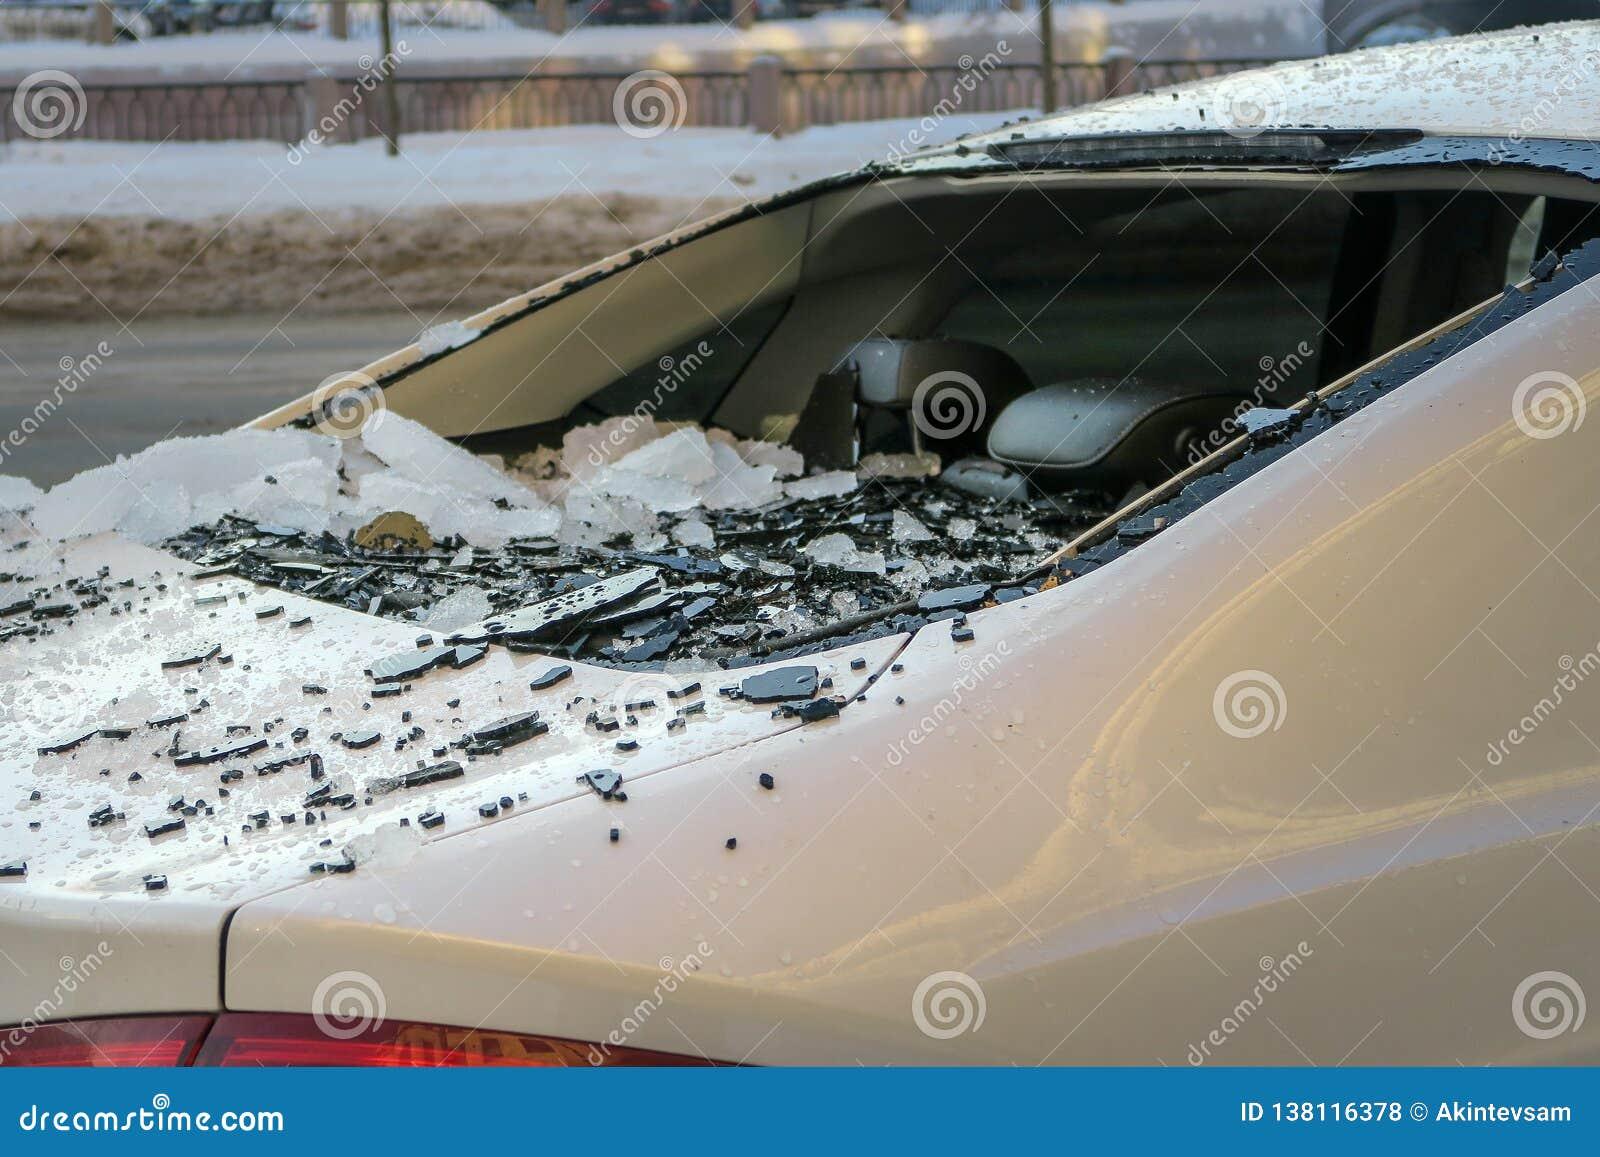 σπασμένο παράθυρο κλοπής αυτοκινήτων χαλασμένο αυτοκίνητο από το μειωμένο πάγο